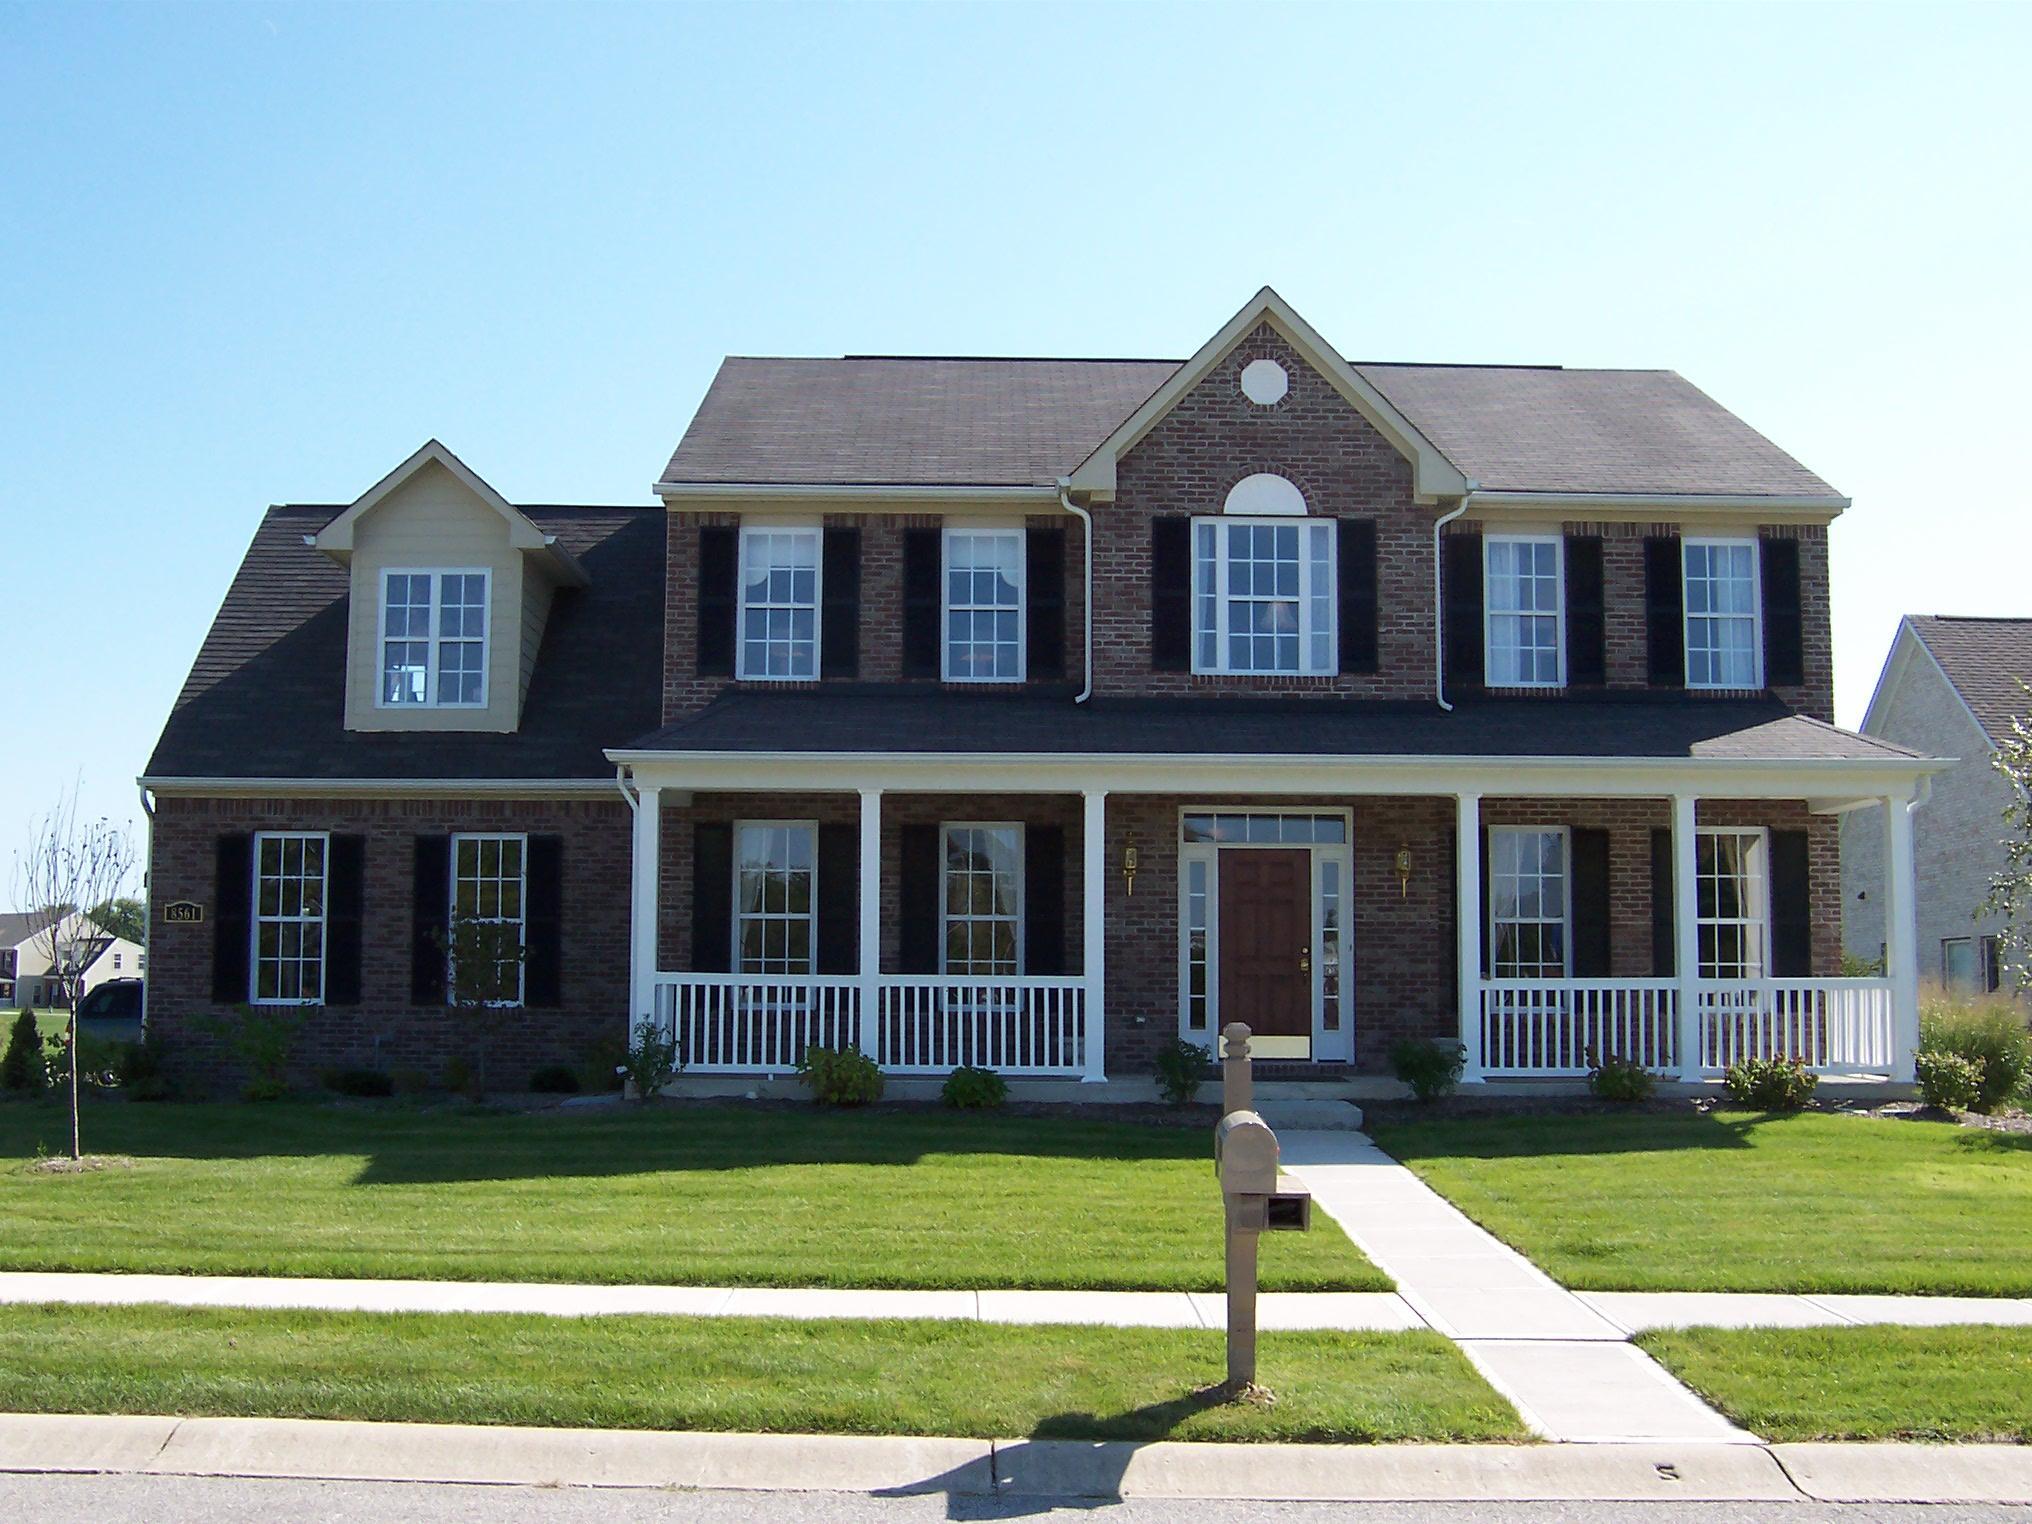 Casa americana revestimento o blog do sistema light for Modelos de casas americanas